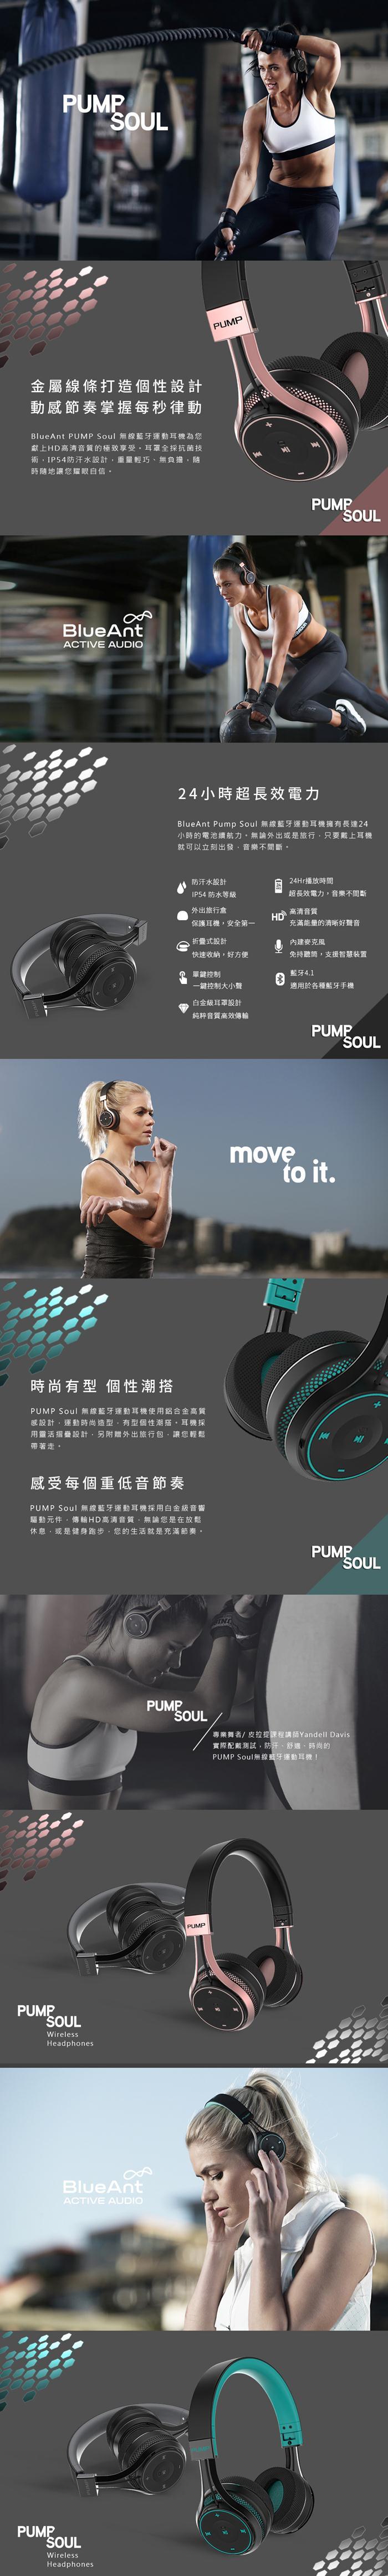 (複製)BlueAnt|PUMP LITE 藍牙運動耳機